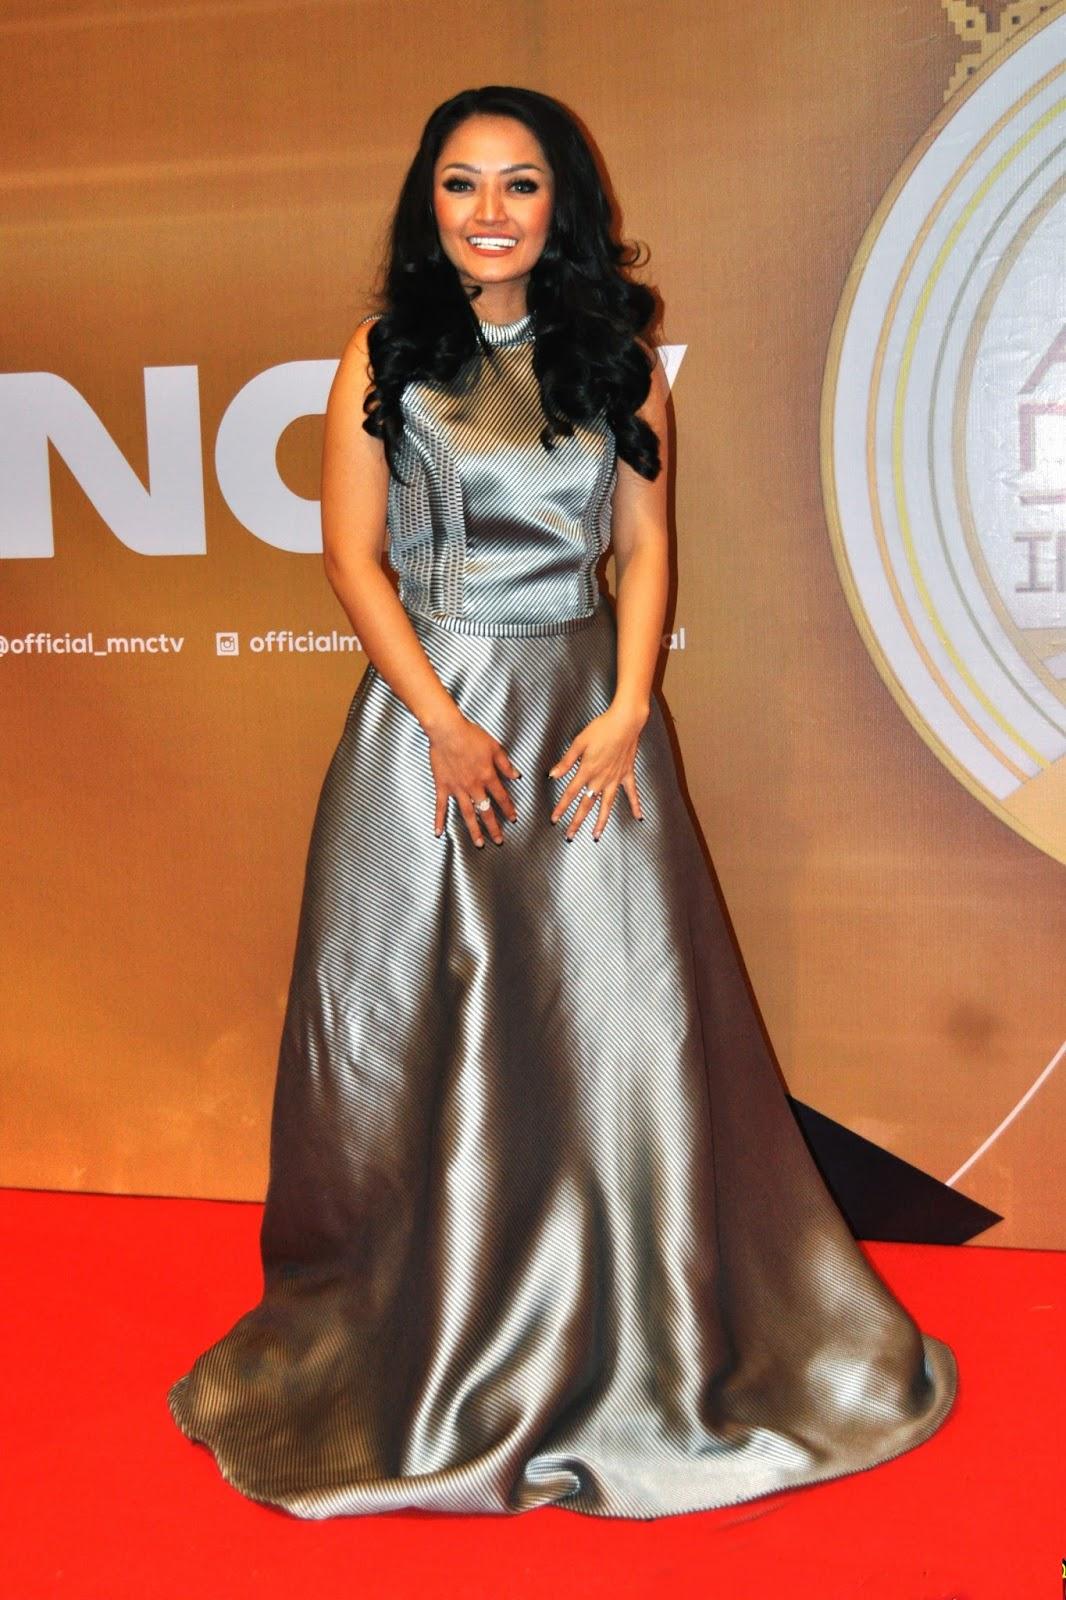 Image Result For Linda Moy Seksi Dangdut Indonesia